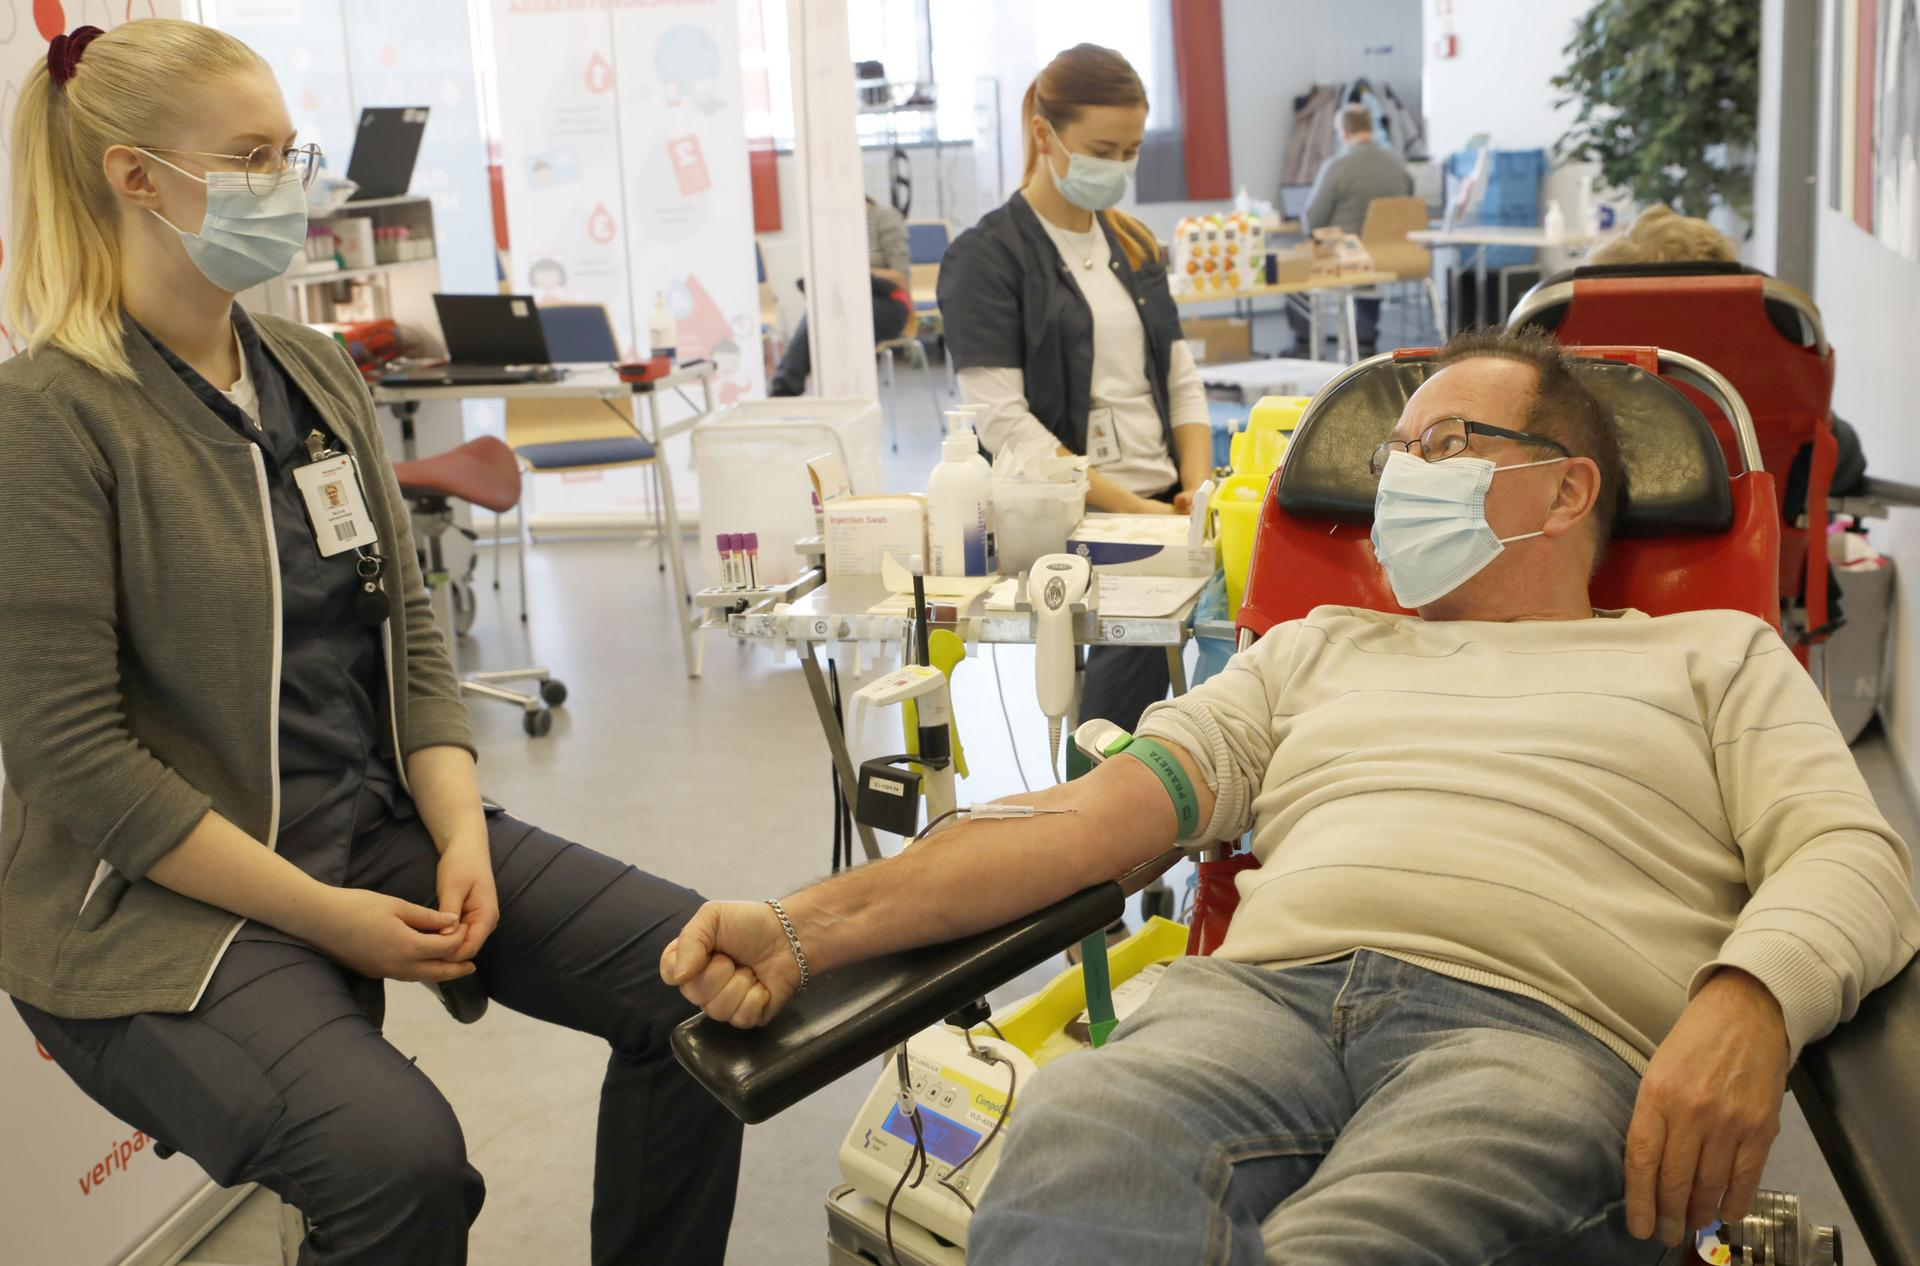 Jukka Kannusmäki ottaa verenluovutuksen rennosti. Sairaanhoitaja Noora Virtanen kertoo, että veripalvelun työntekijöillä on taito rentouttaa luovutusta jännittävät ihmiset.